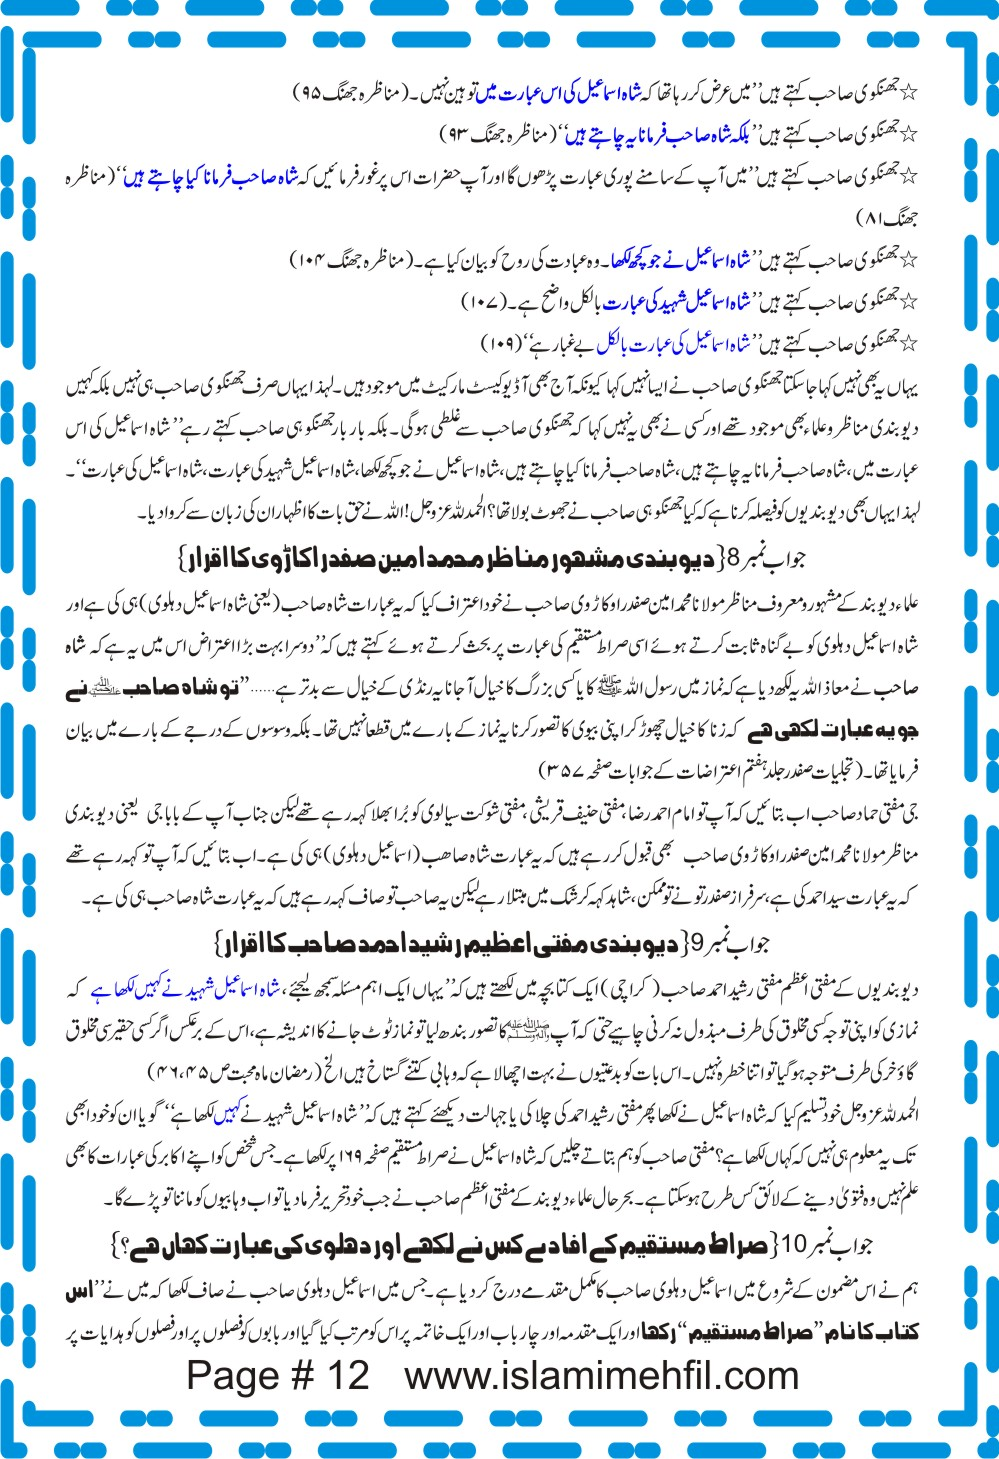 Siratul Mustaqeem (12).jpg